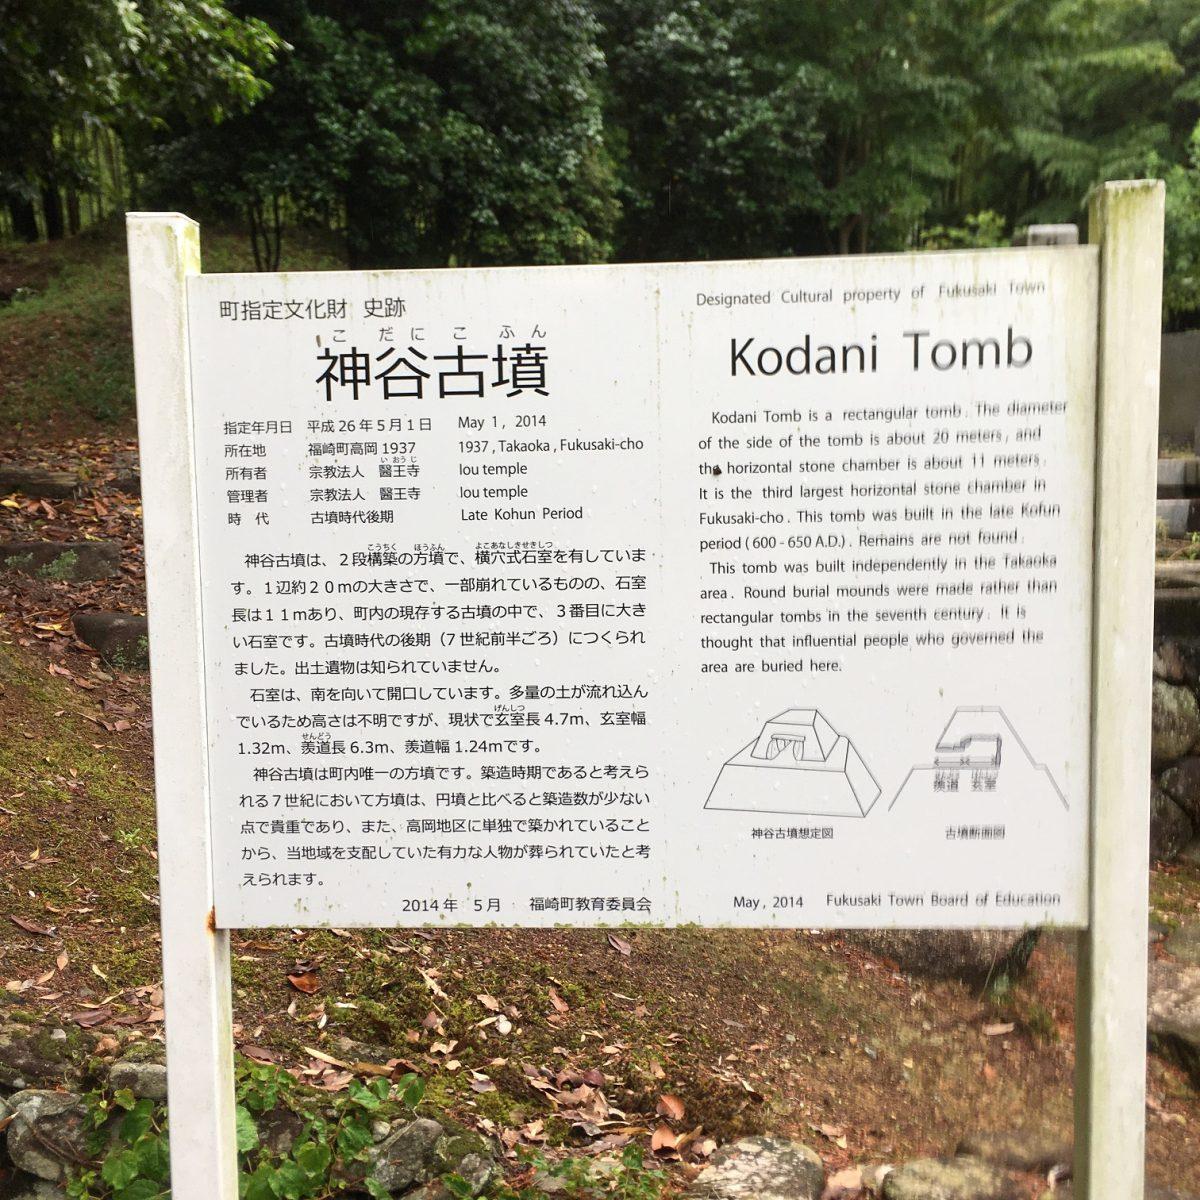 神谷古墳(こだにこふん)福崎町指定文化財 史跡